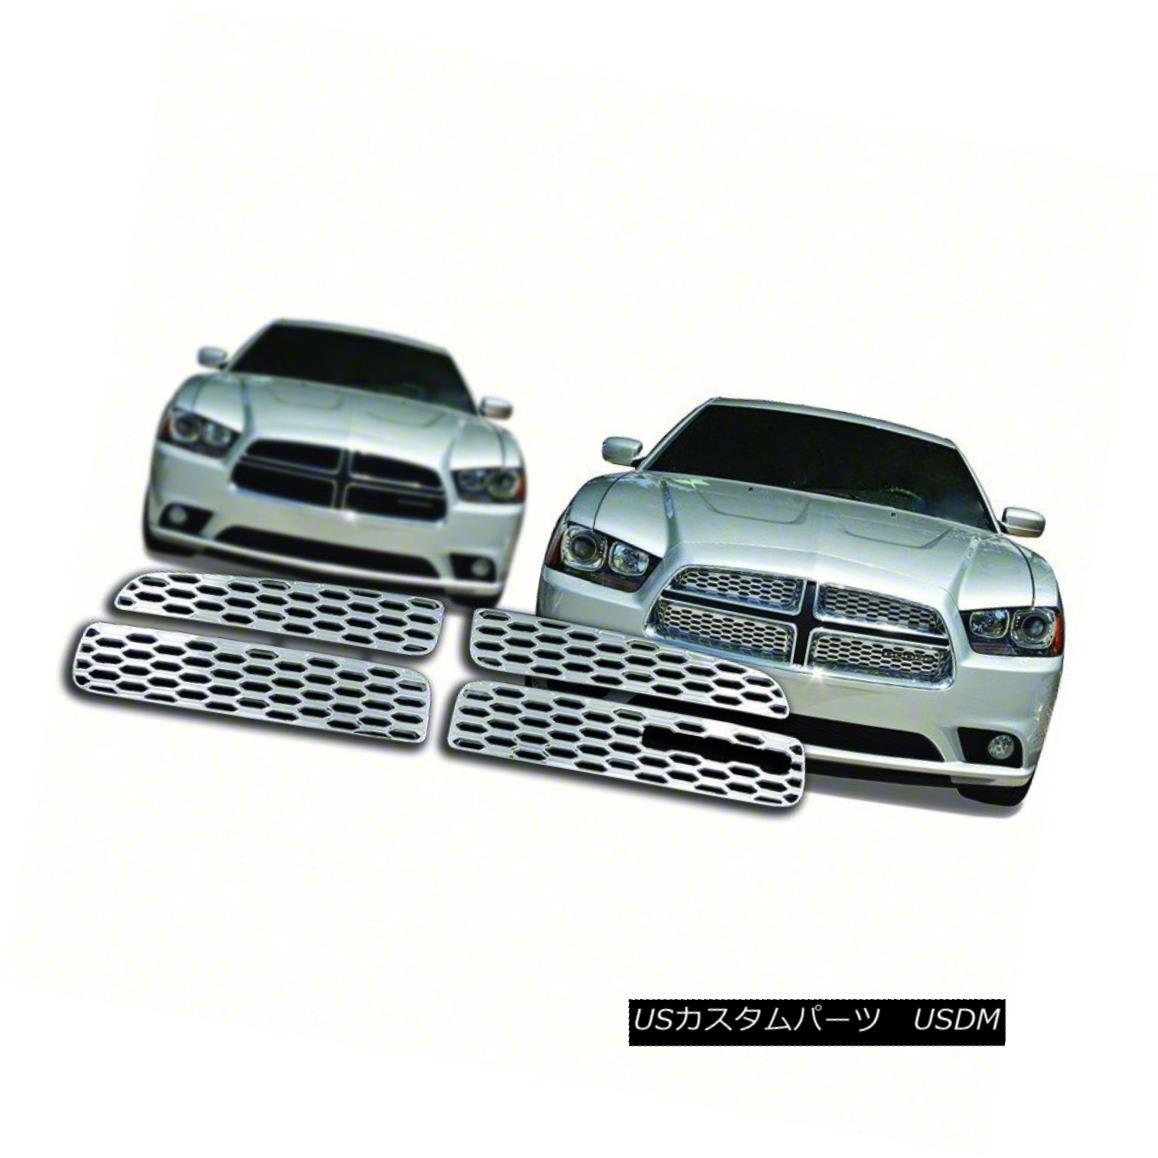 グリル IWCGI95-Fits 12-14 Dodge Charger (SE, SXT, R/T) Grille Overlay IWCGI95-適合12-14ダッジチャージャー(SE、SXT、R / T)グリルオーバーレイ